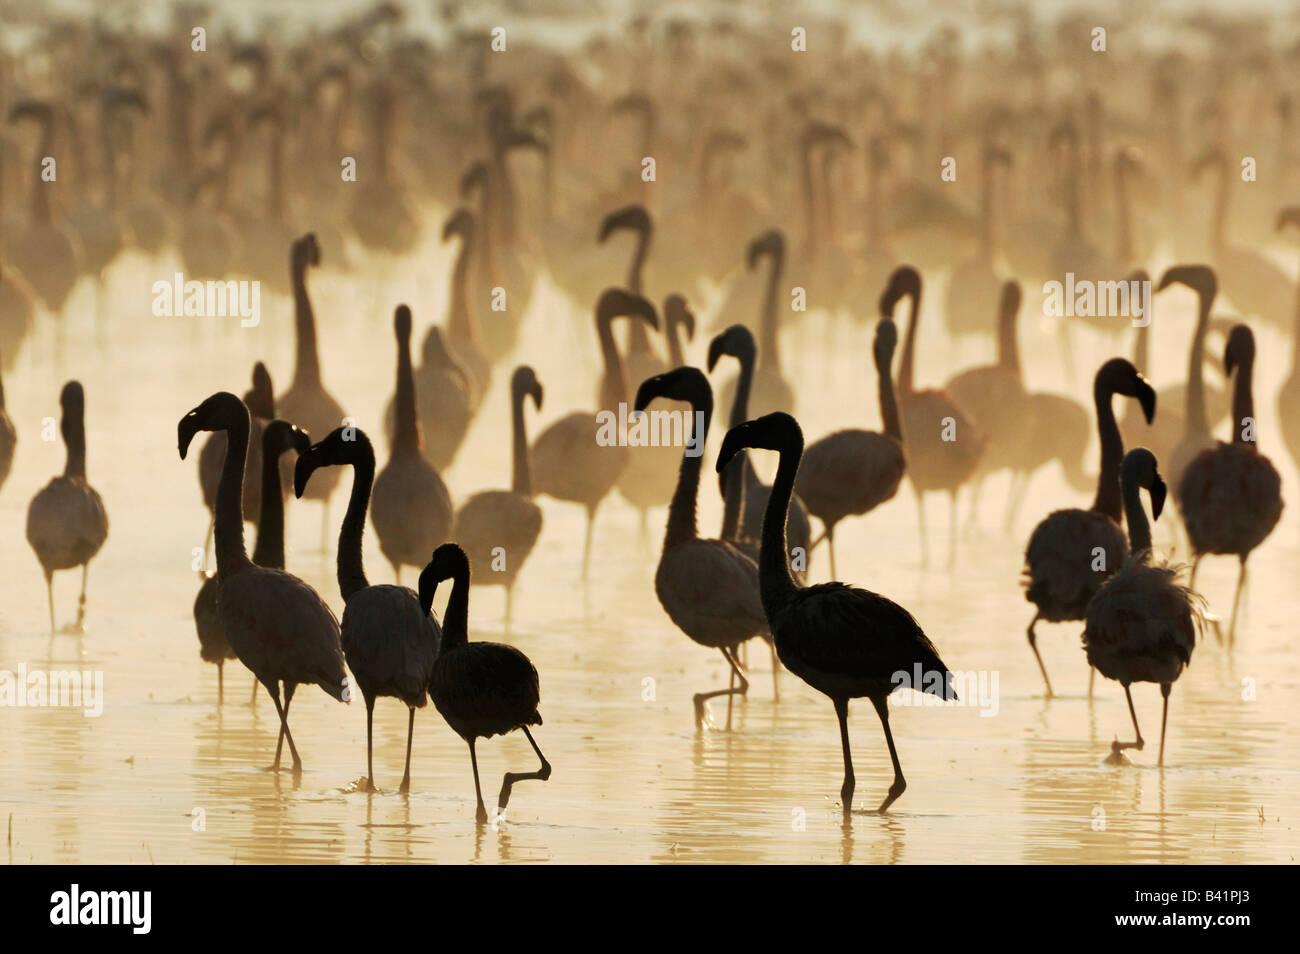 Greater Flamingo Phoenicopterus roseus and Lesser Flamingo large group at sunrise Lake Nakuru Kenya Africa - Stock Image